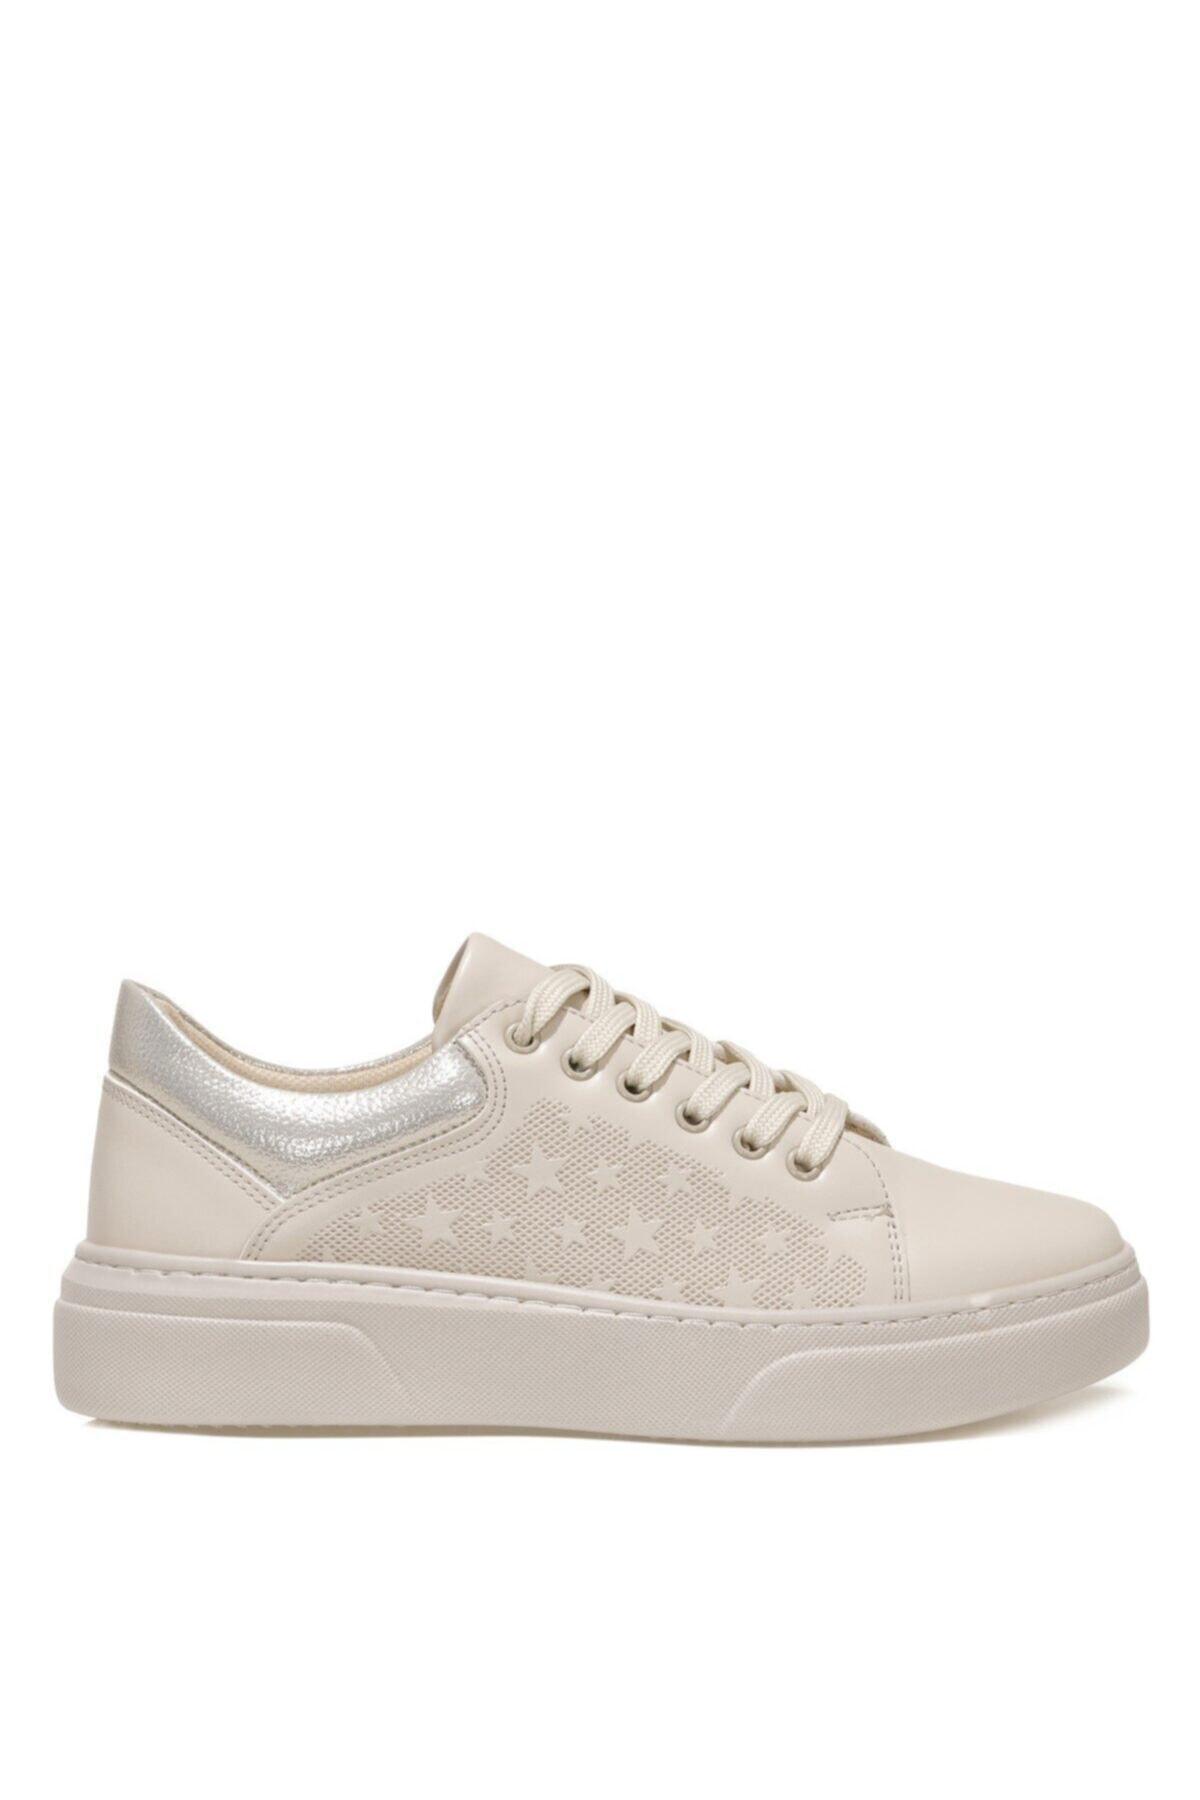 İnci LIO.Z 1FX Bej Kadın Sneaker 101041709 1